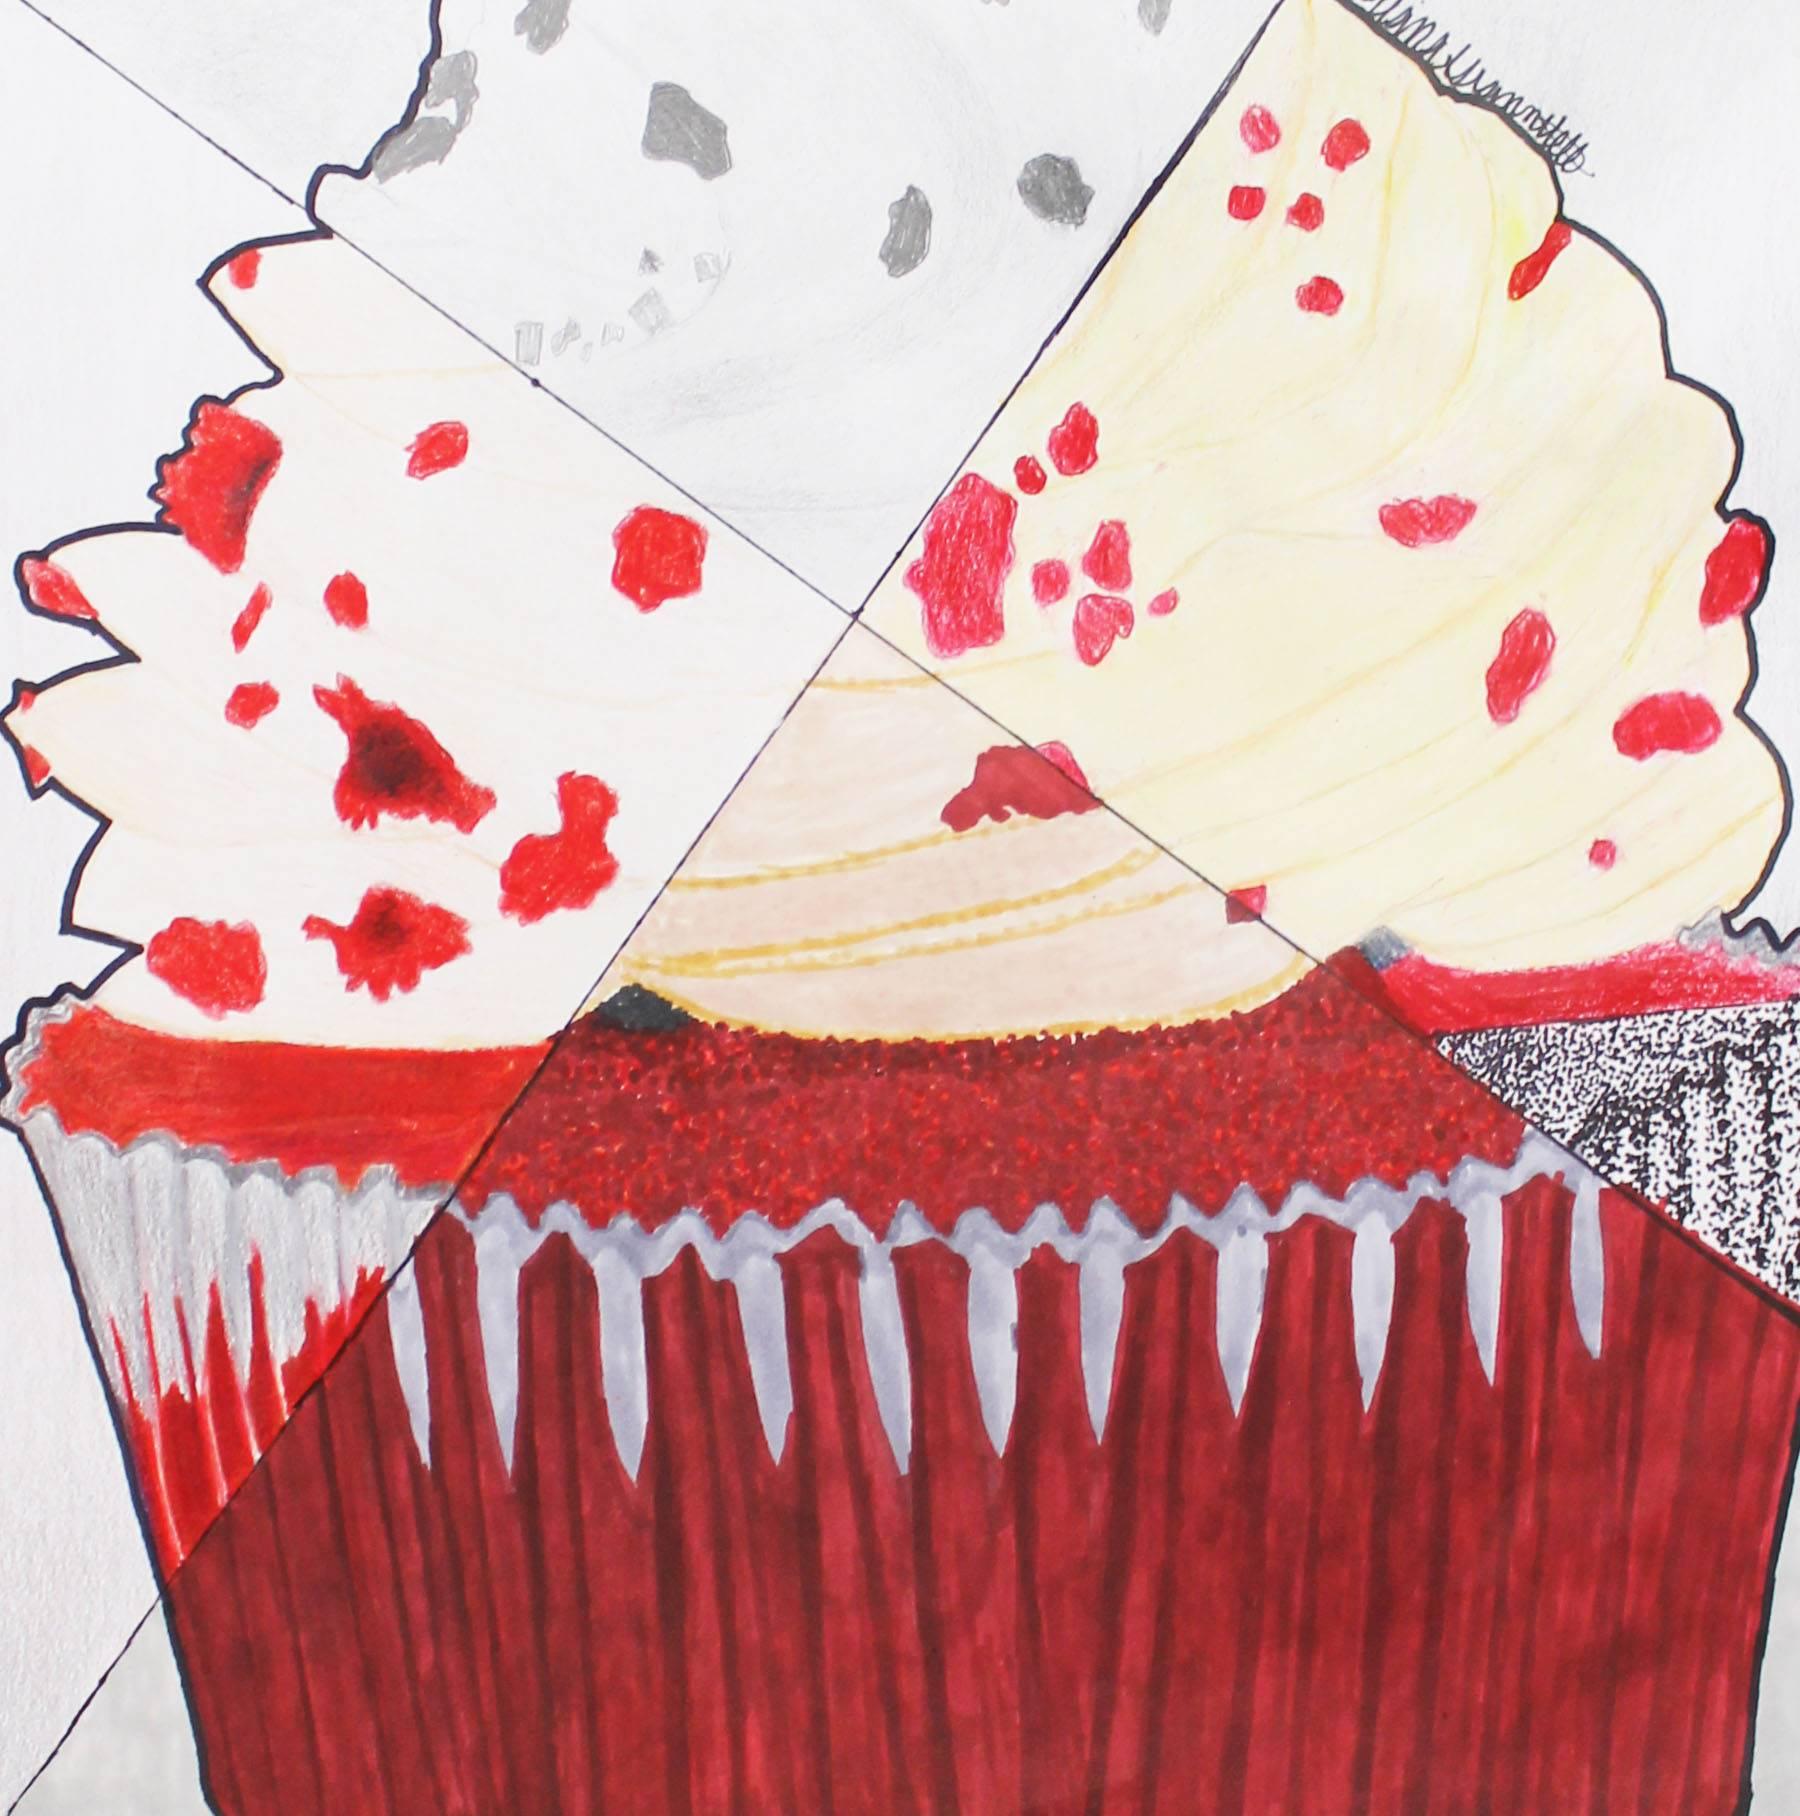 Cupcake mixed media